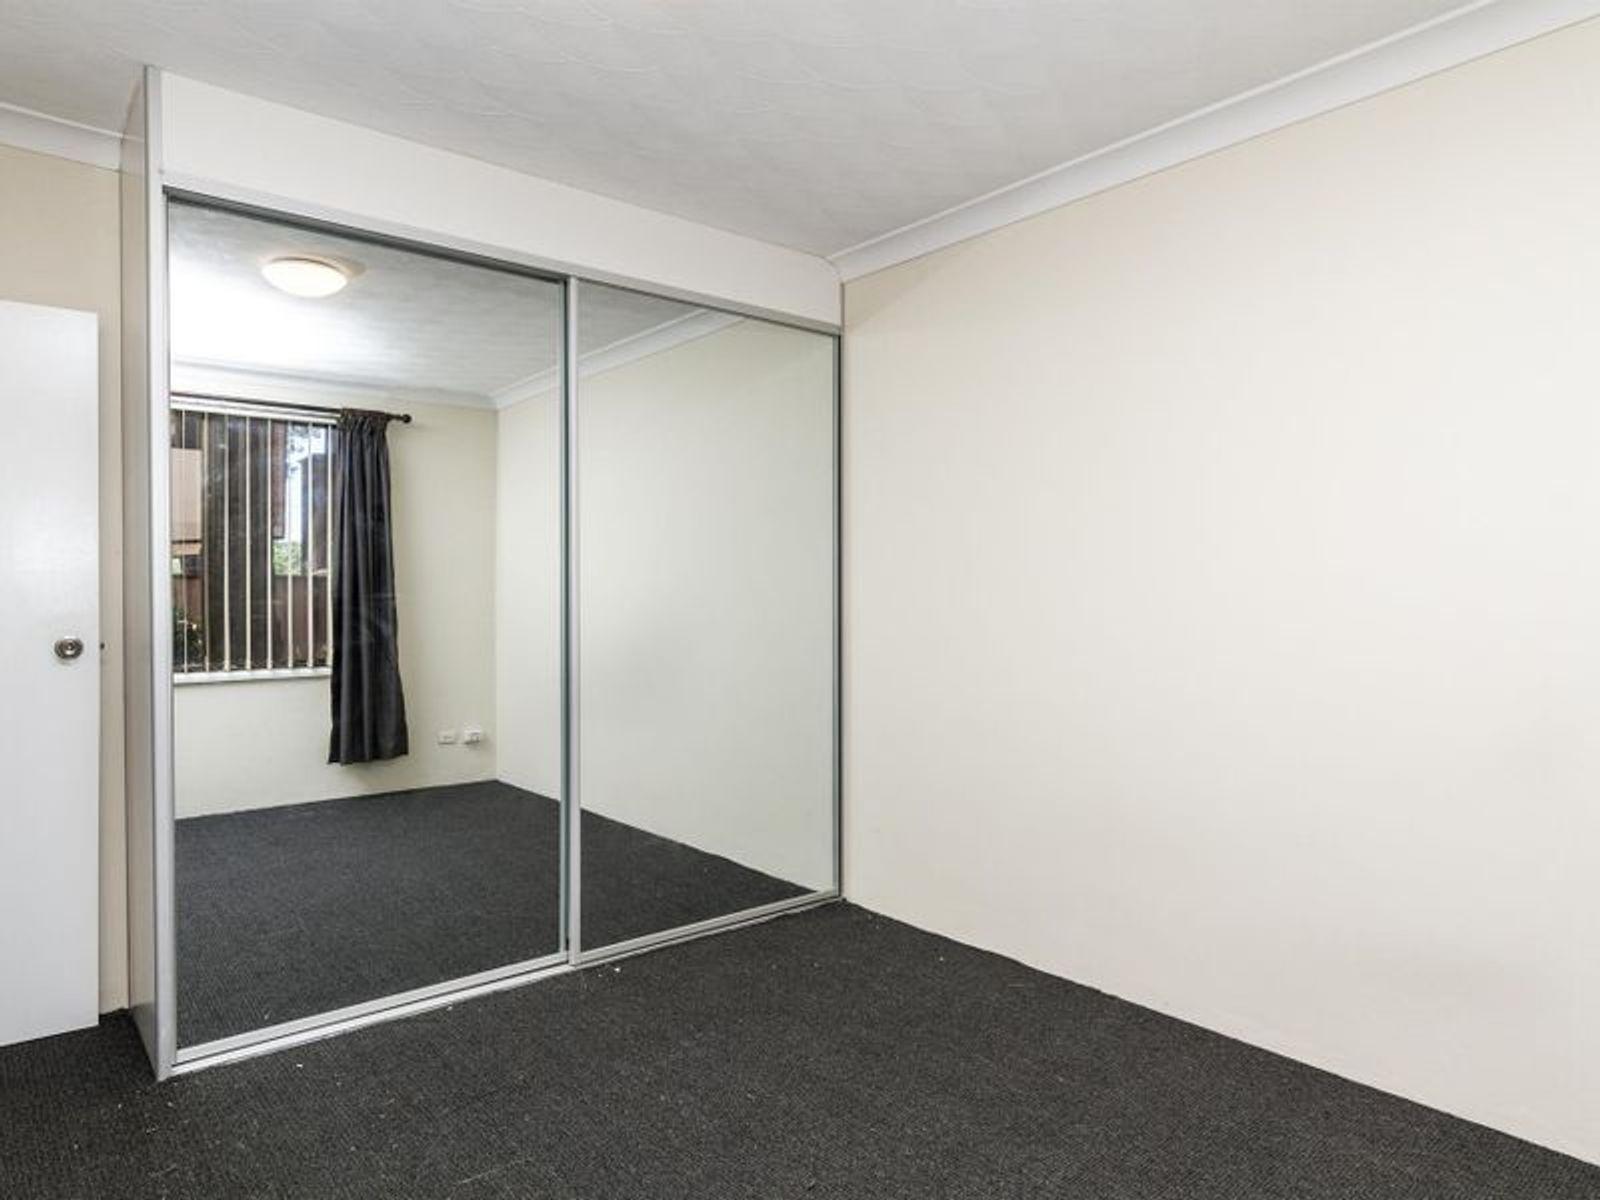 2/1-3 York Road, Penrith, NSW 2750